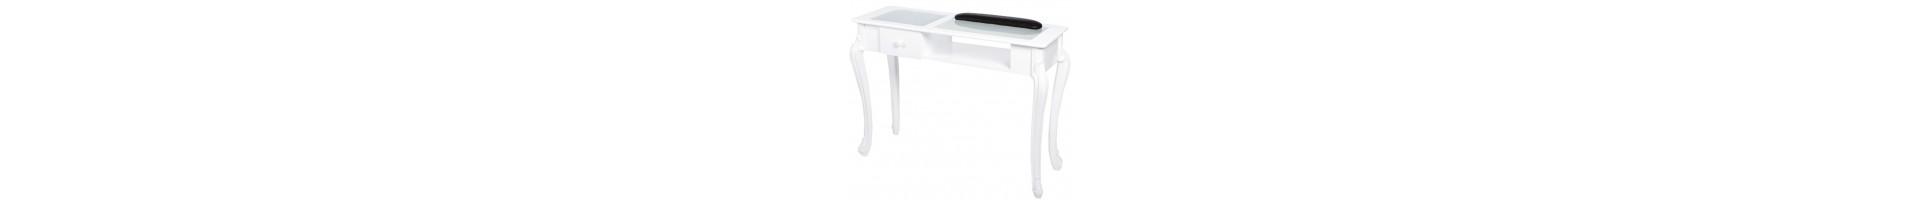 Mesas de manicura con aspiración y encimera de cristal, diseño moderno y vanguardista